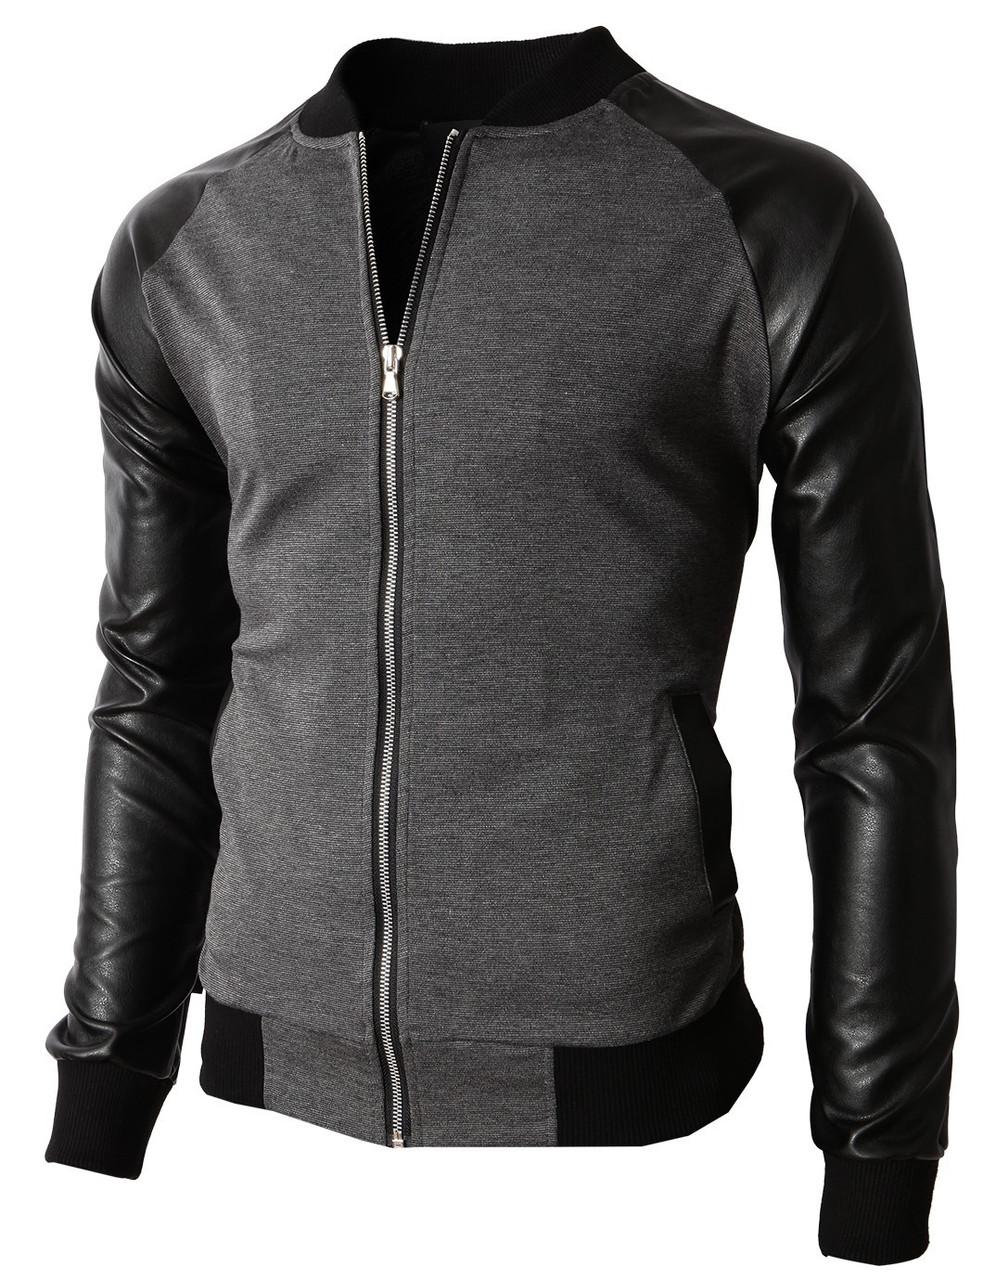 Стильная мужская кофта-куртка с рукавами из кожзама